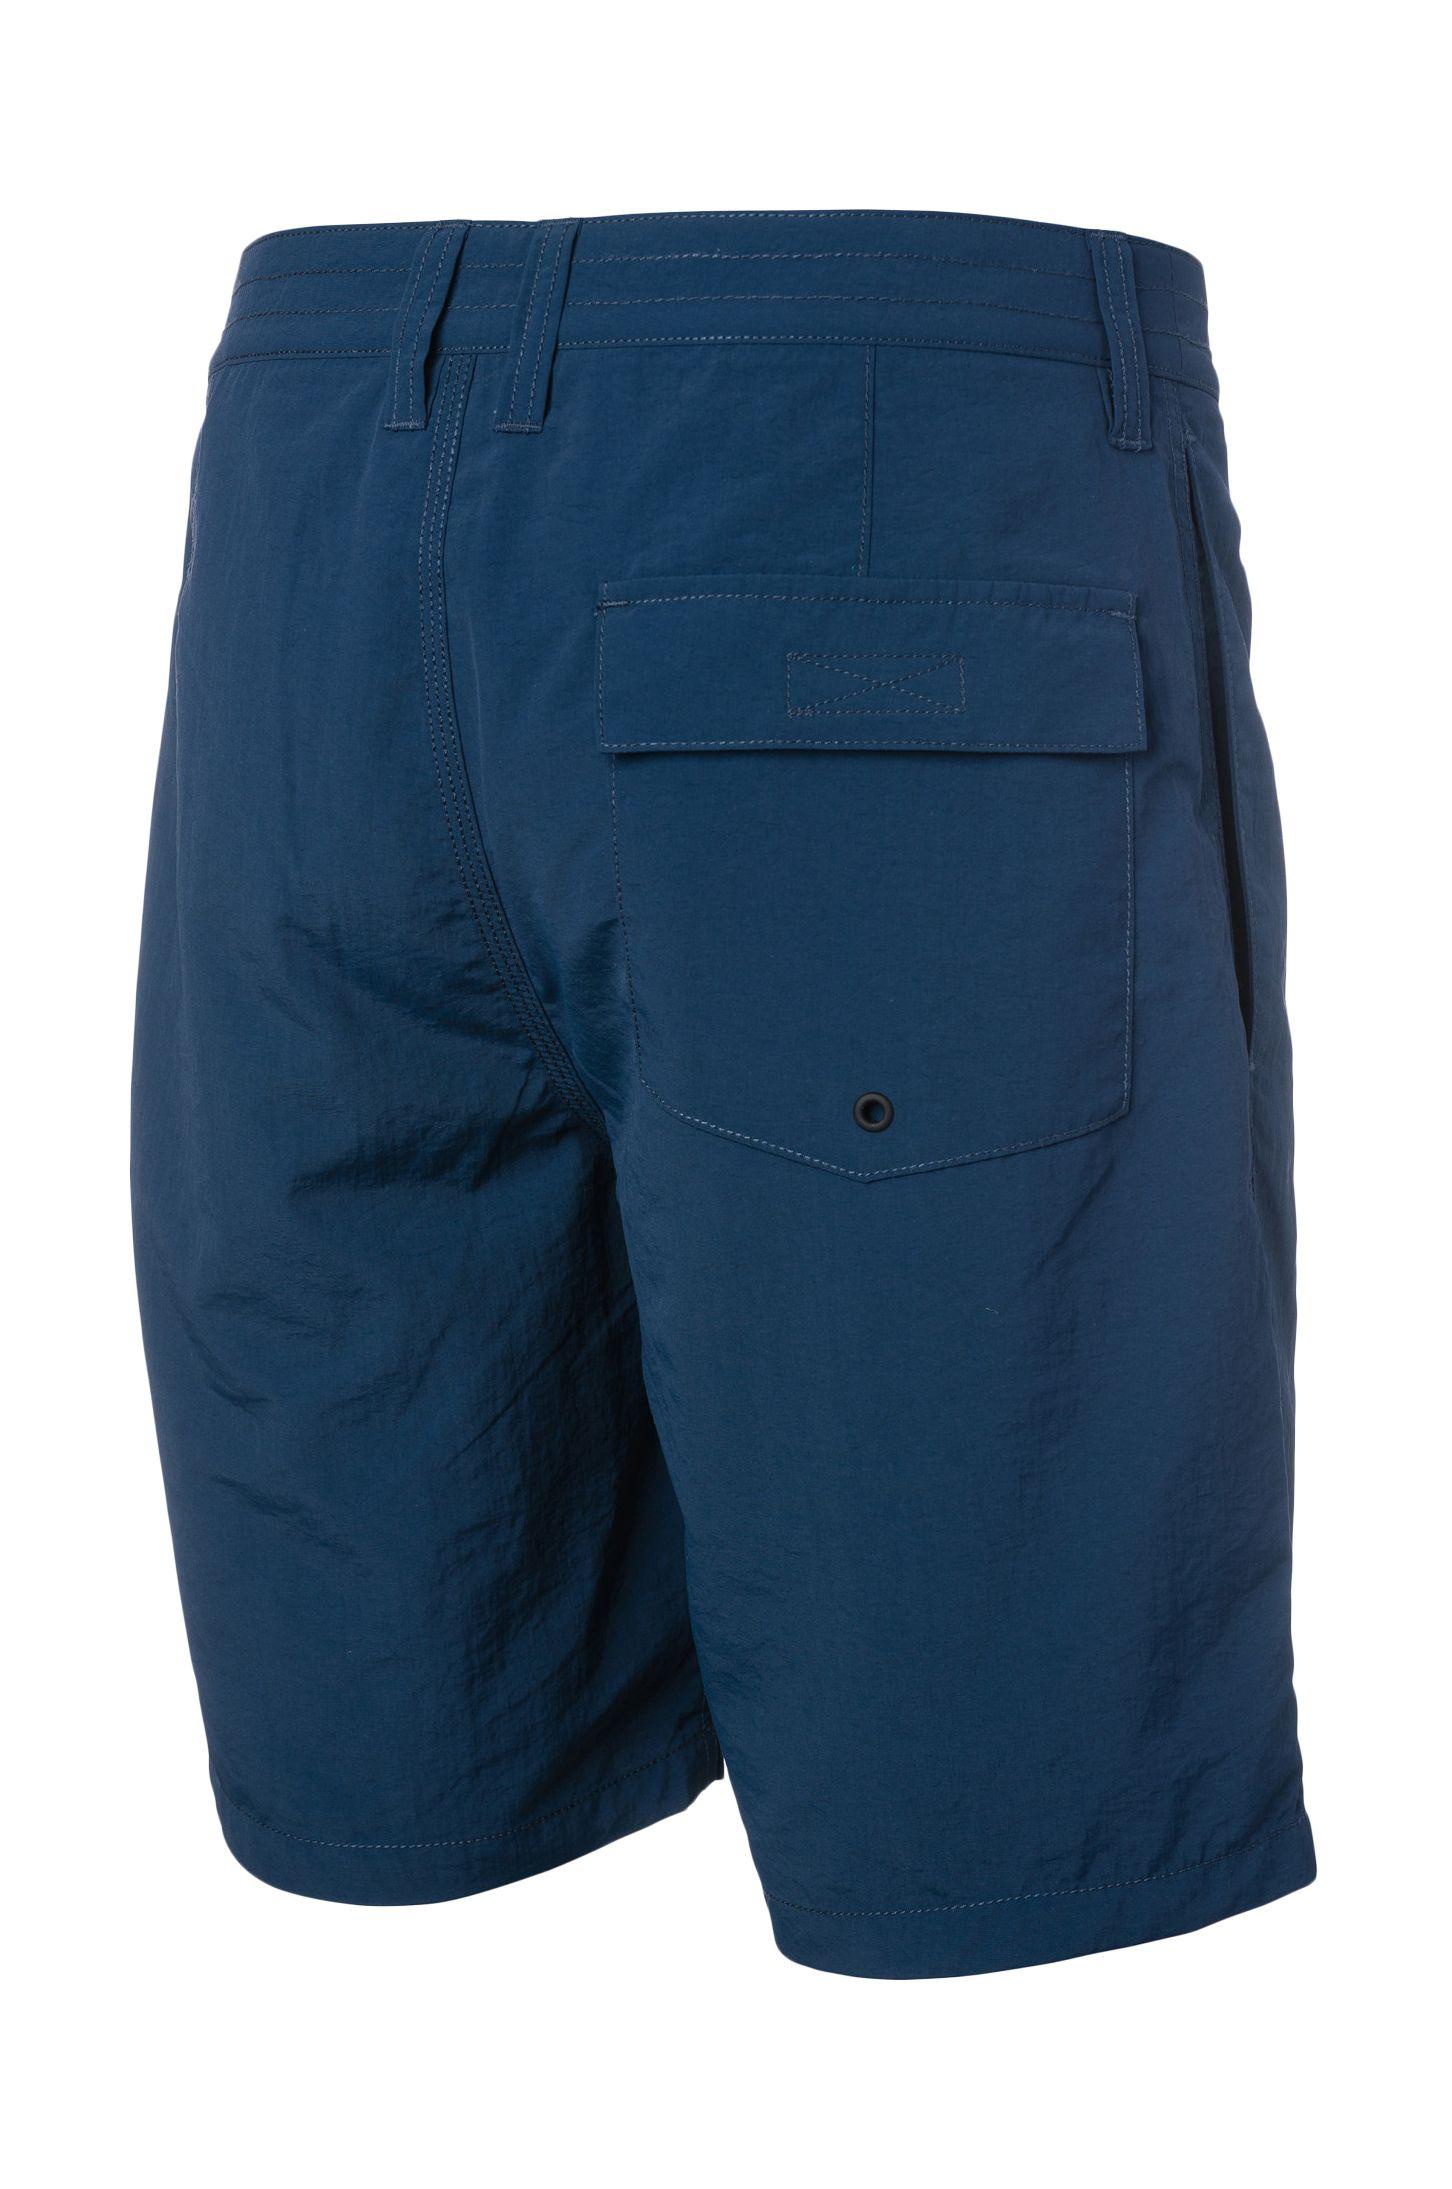 Walkshorts Rip Curl WAX OFF BOARDWALK Navy